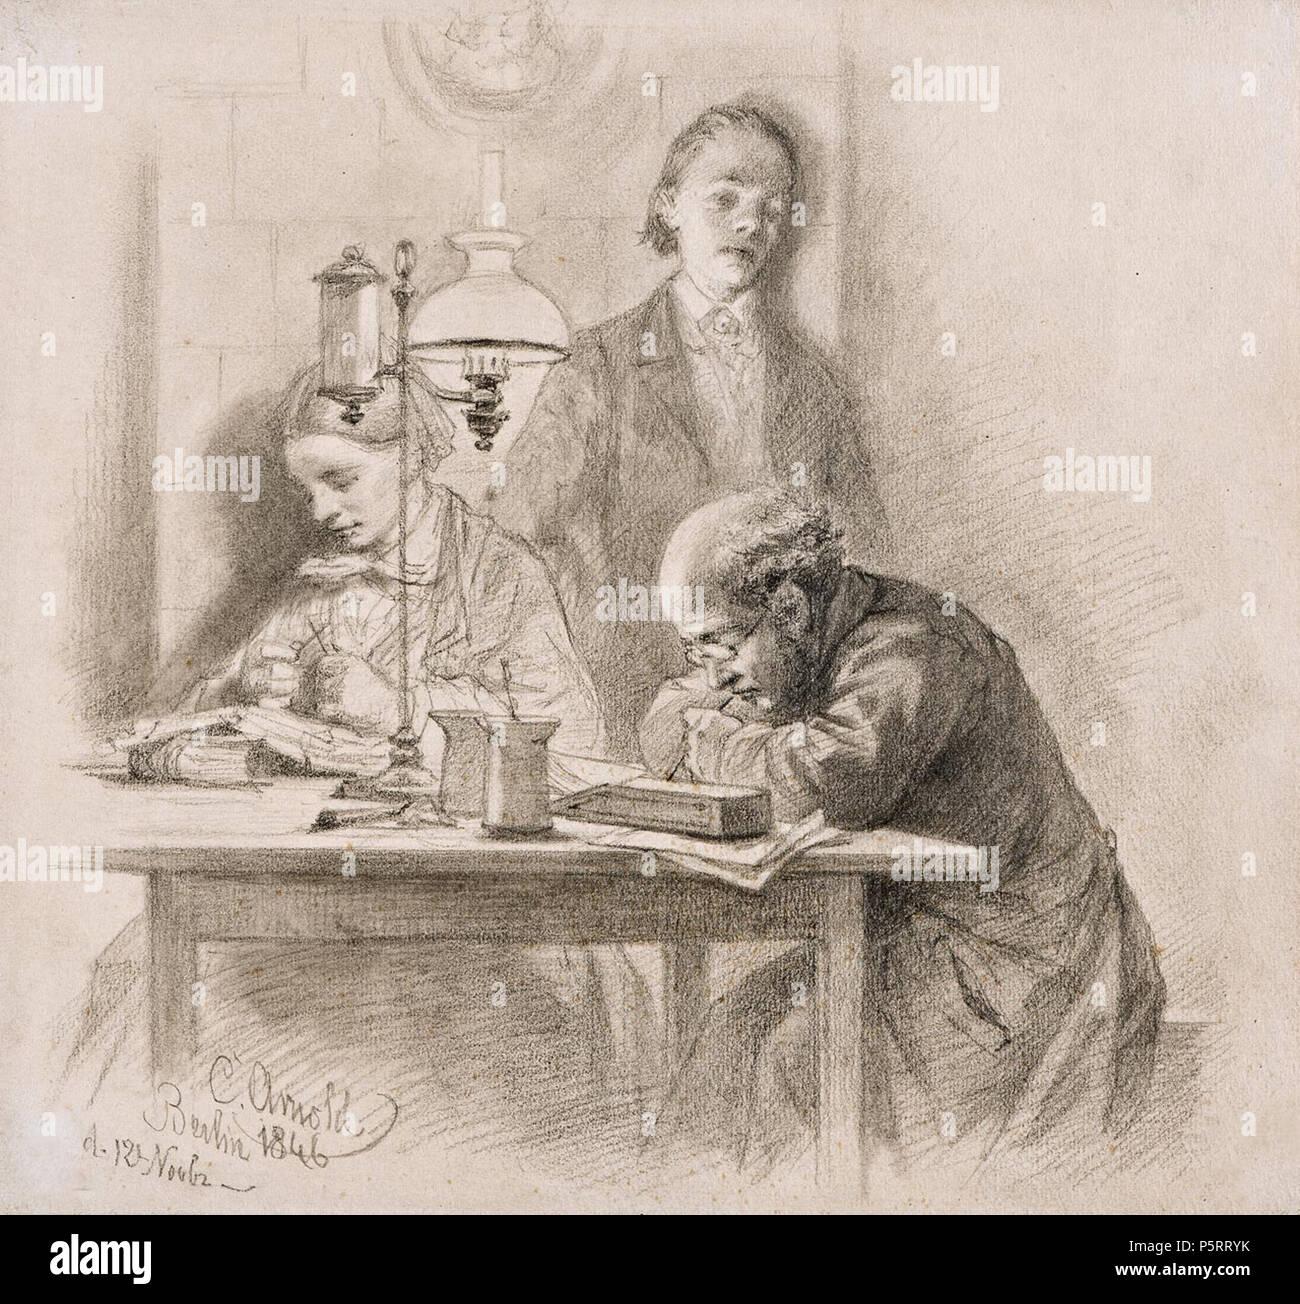 N/A. Deutsch: Adolph Menzel abends beim Schein der Lampe arbeitend . 1846. Carl Johann Arnold (1829-1916) 273 Carl Johann Arnold - Adolph Menzel abends 1846 - Stock Image